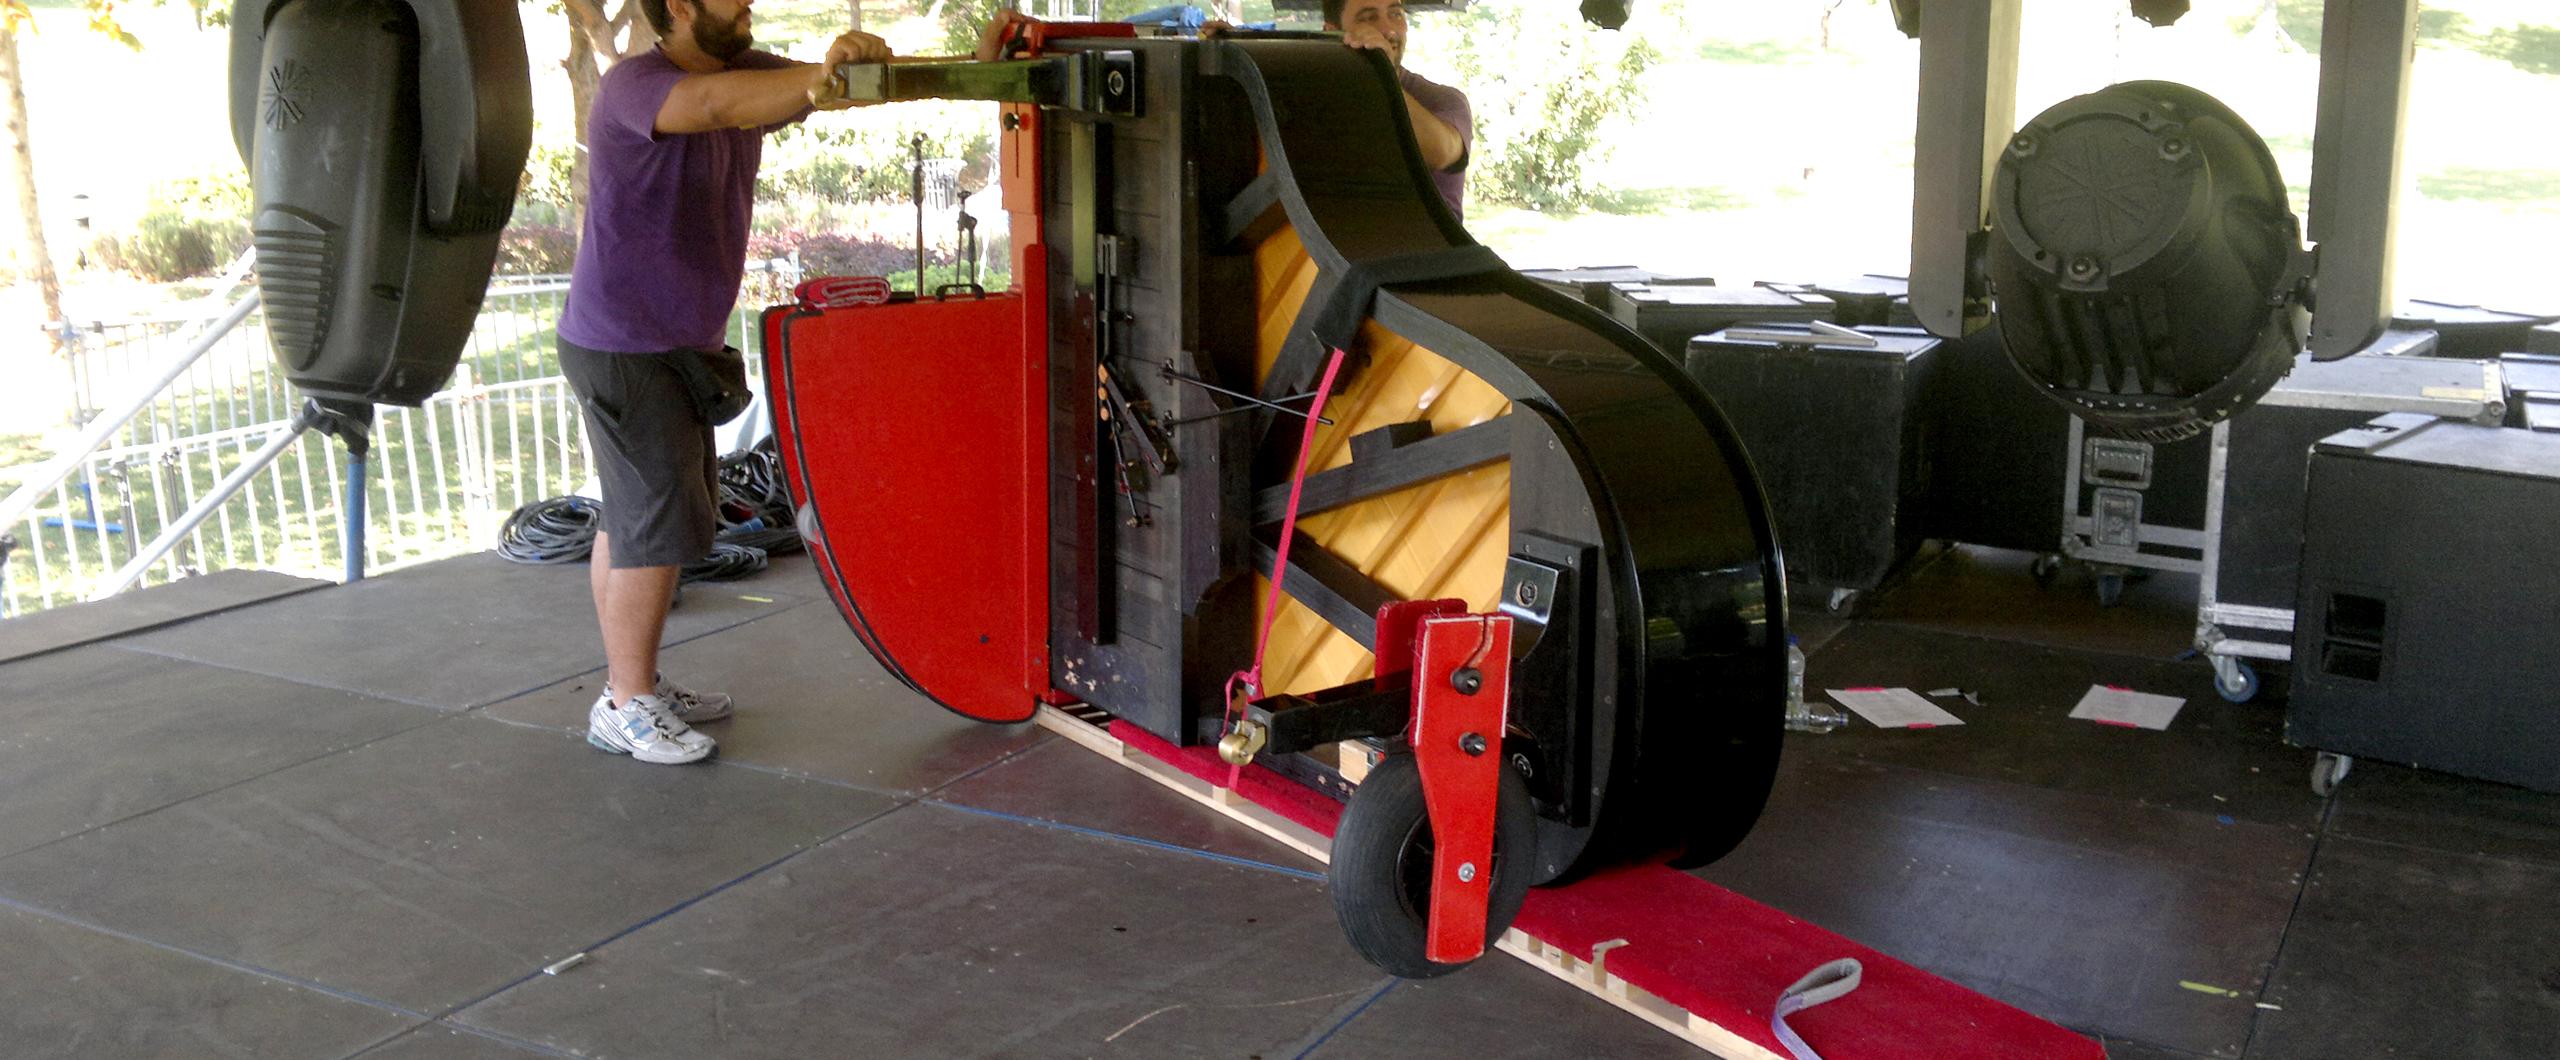 Πιάνο σε όρθια στάση προς συσκευασία